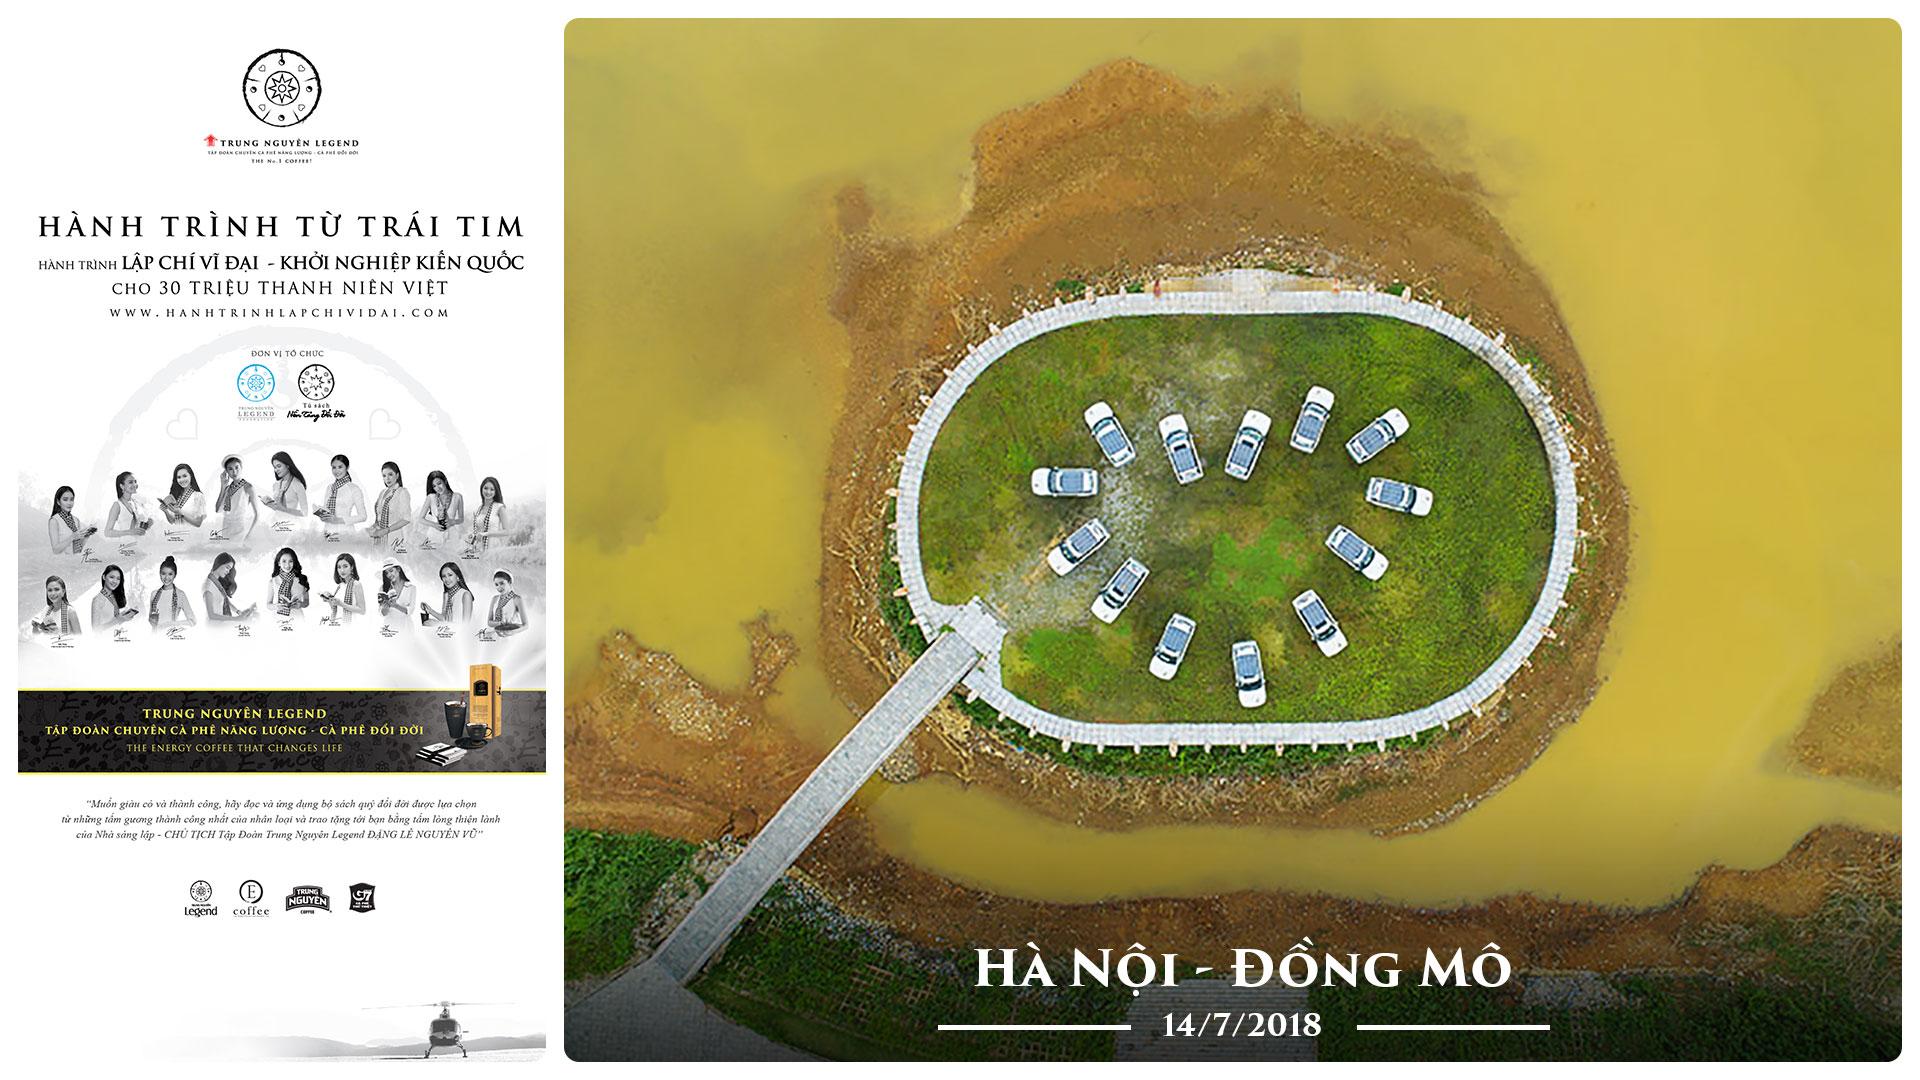 Nhật ký Hành Trình Từ Trái Tim – Ngày 14/07/2018: Hà Nội – Đồng Mô